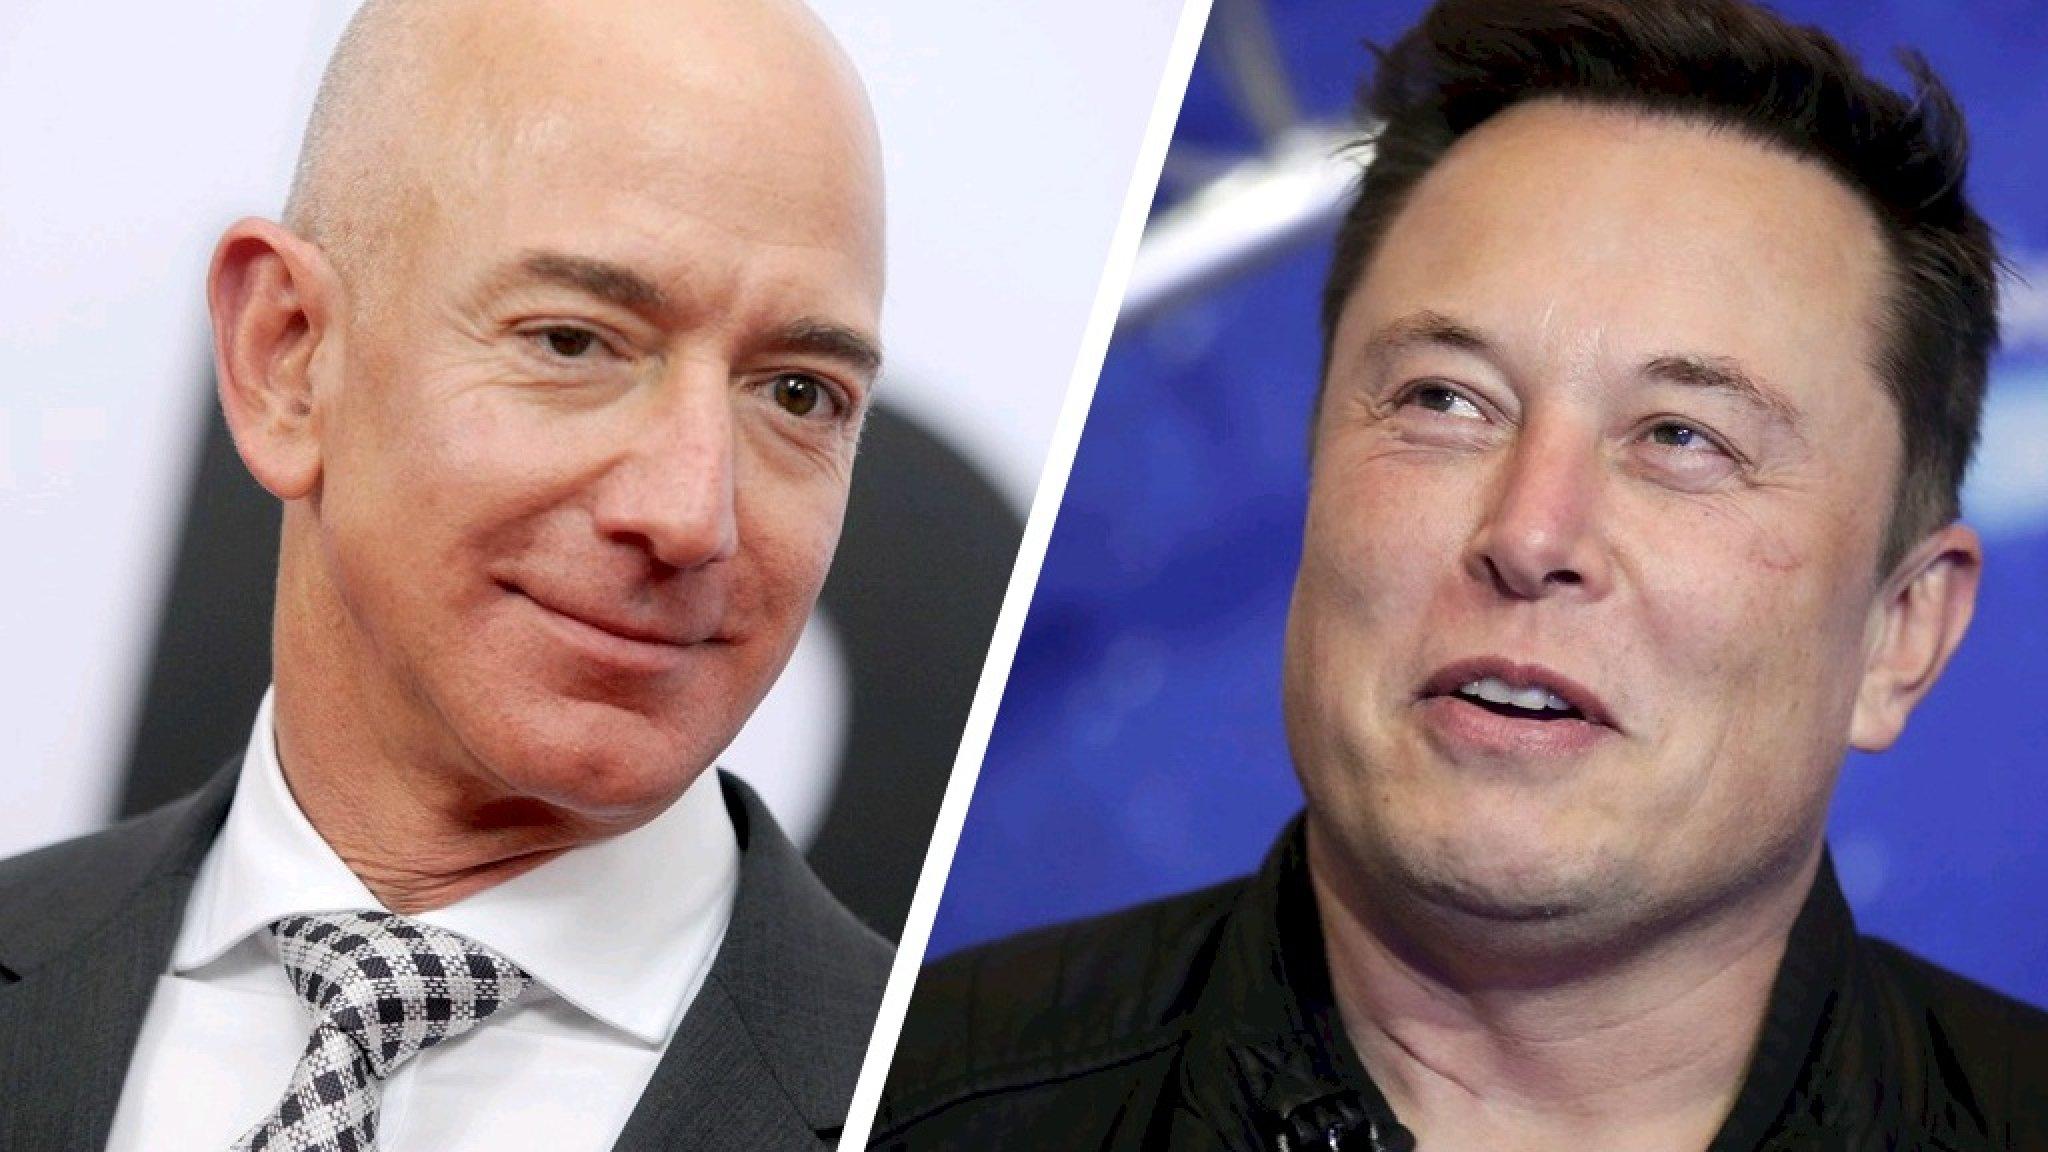 Jeff Bezos weer rijkste man op aarde, onttroont Elon Musk - RTL Nieuws